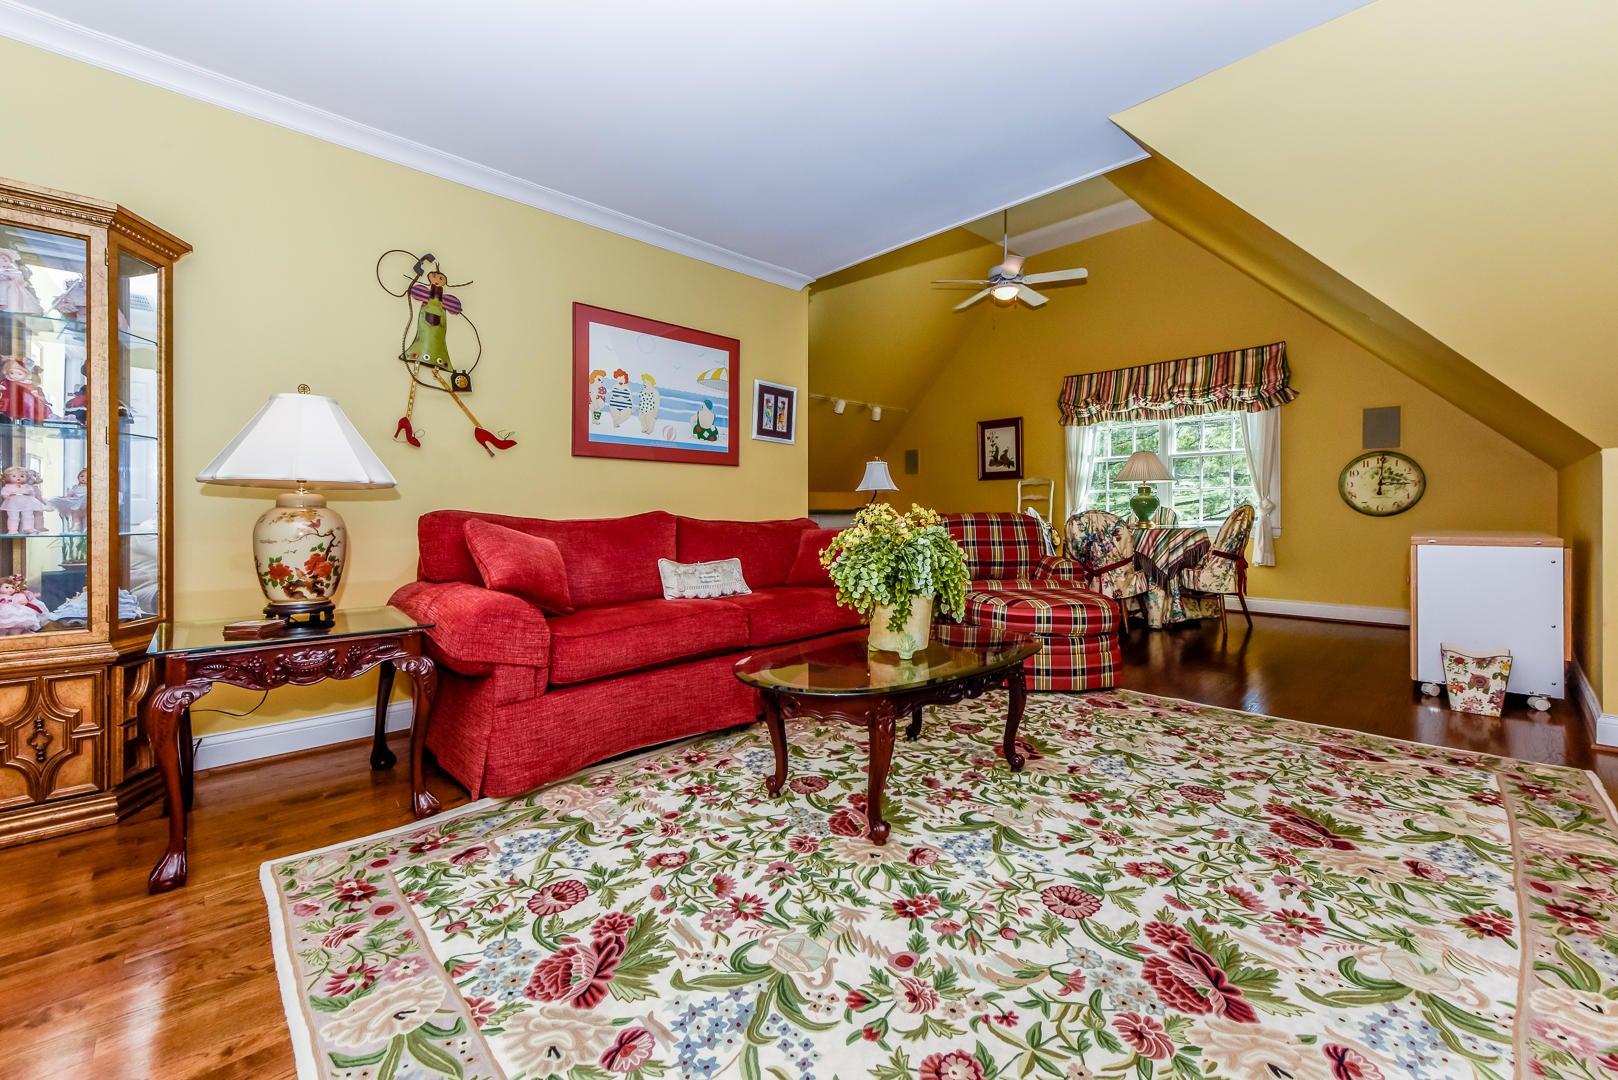 Bedroom/bonus room upstairs